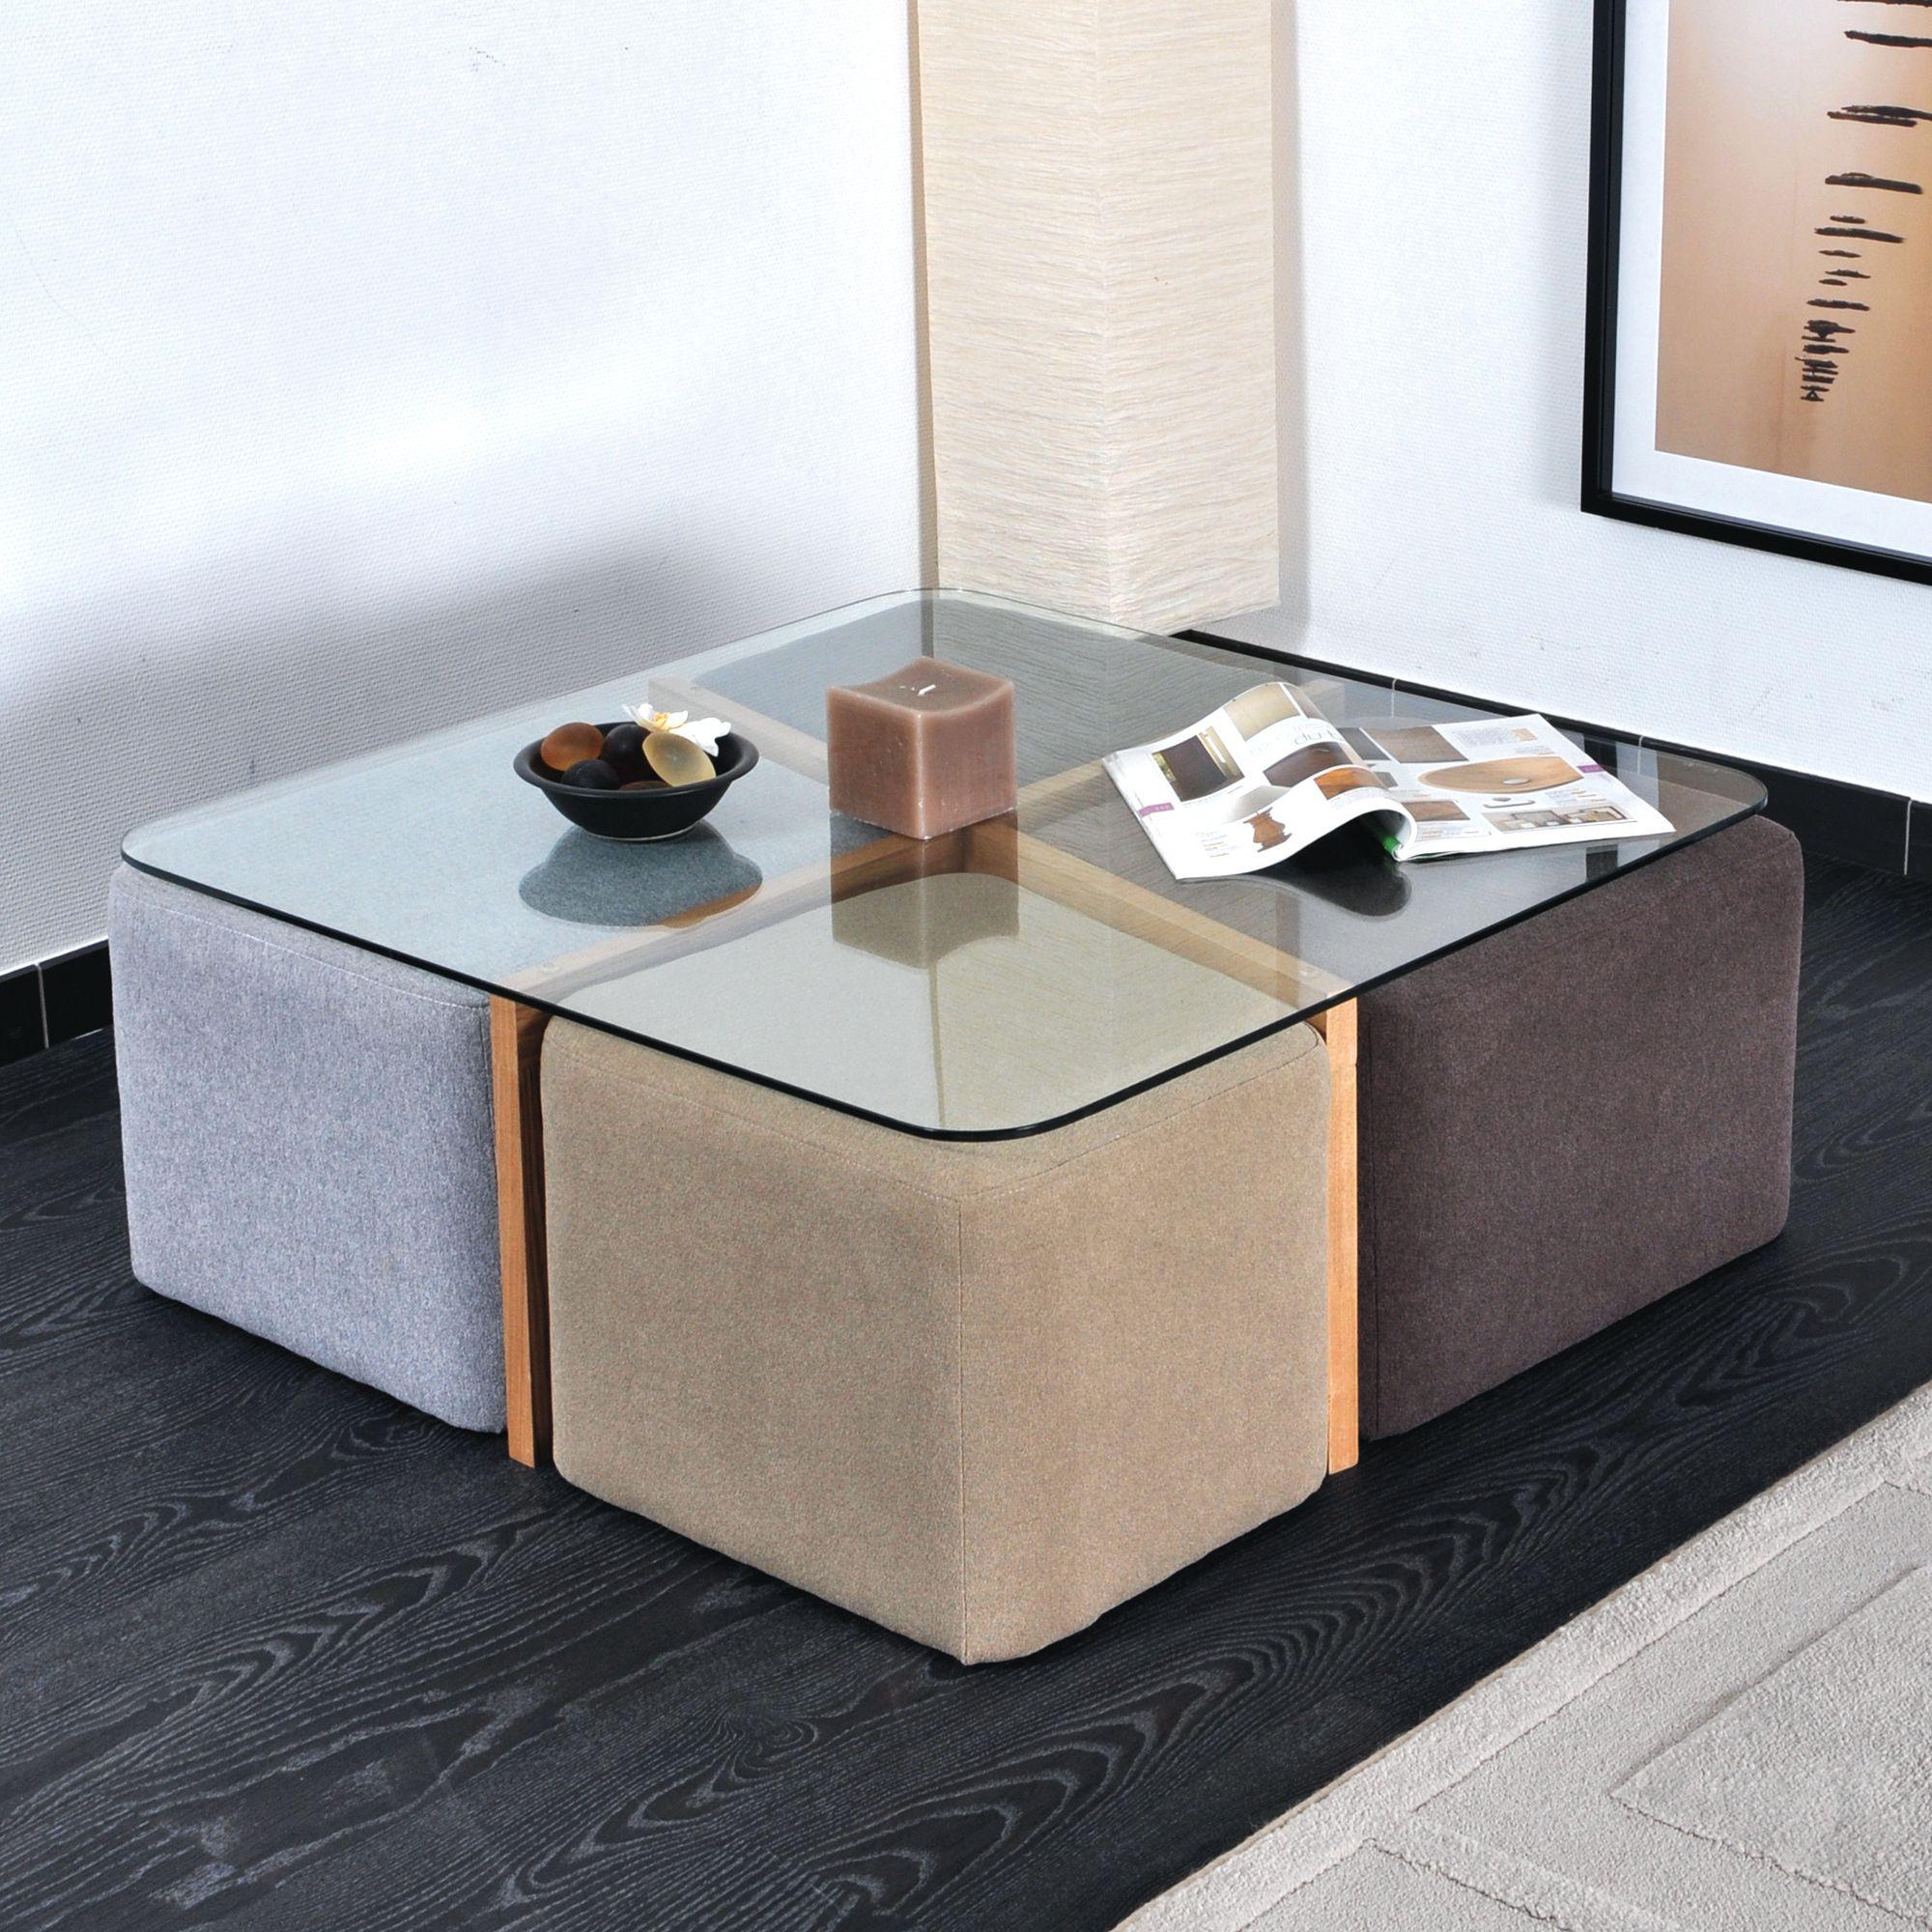 La Maison De Valerie Table Basse 4 Poufs Vintage Prix 168 35 Euros Avec Images Table Basse Table Basse Pouf Table De Salon